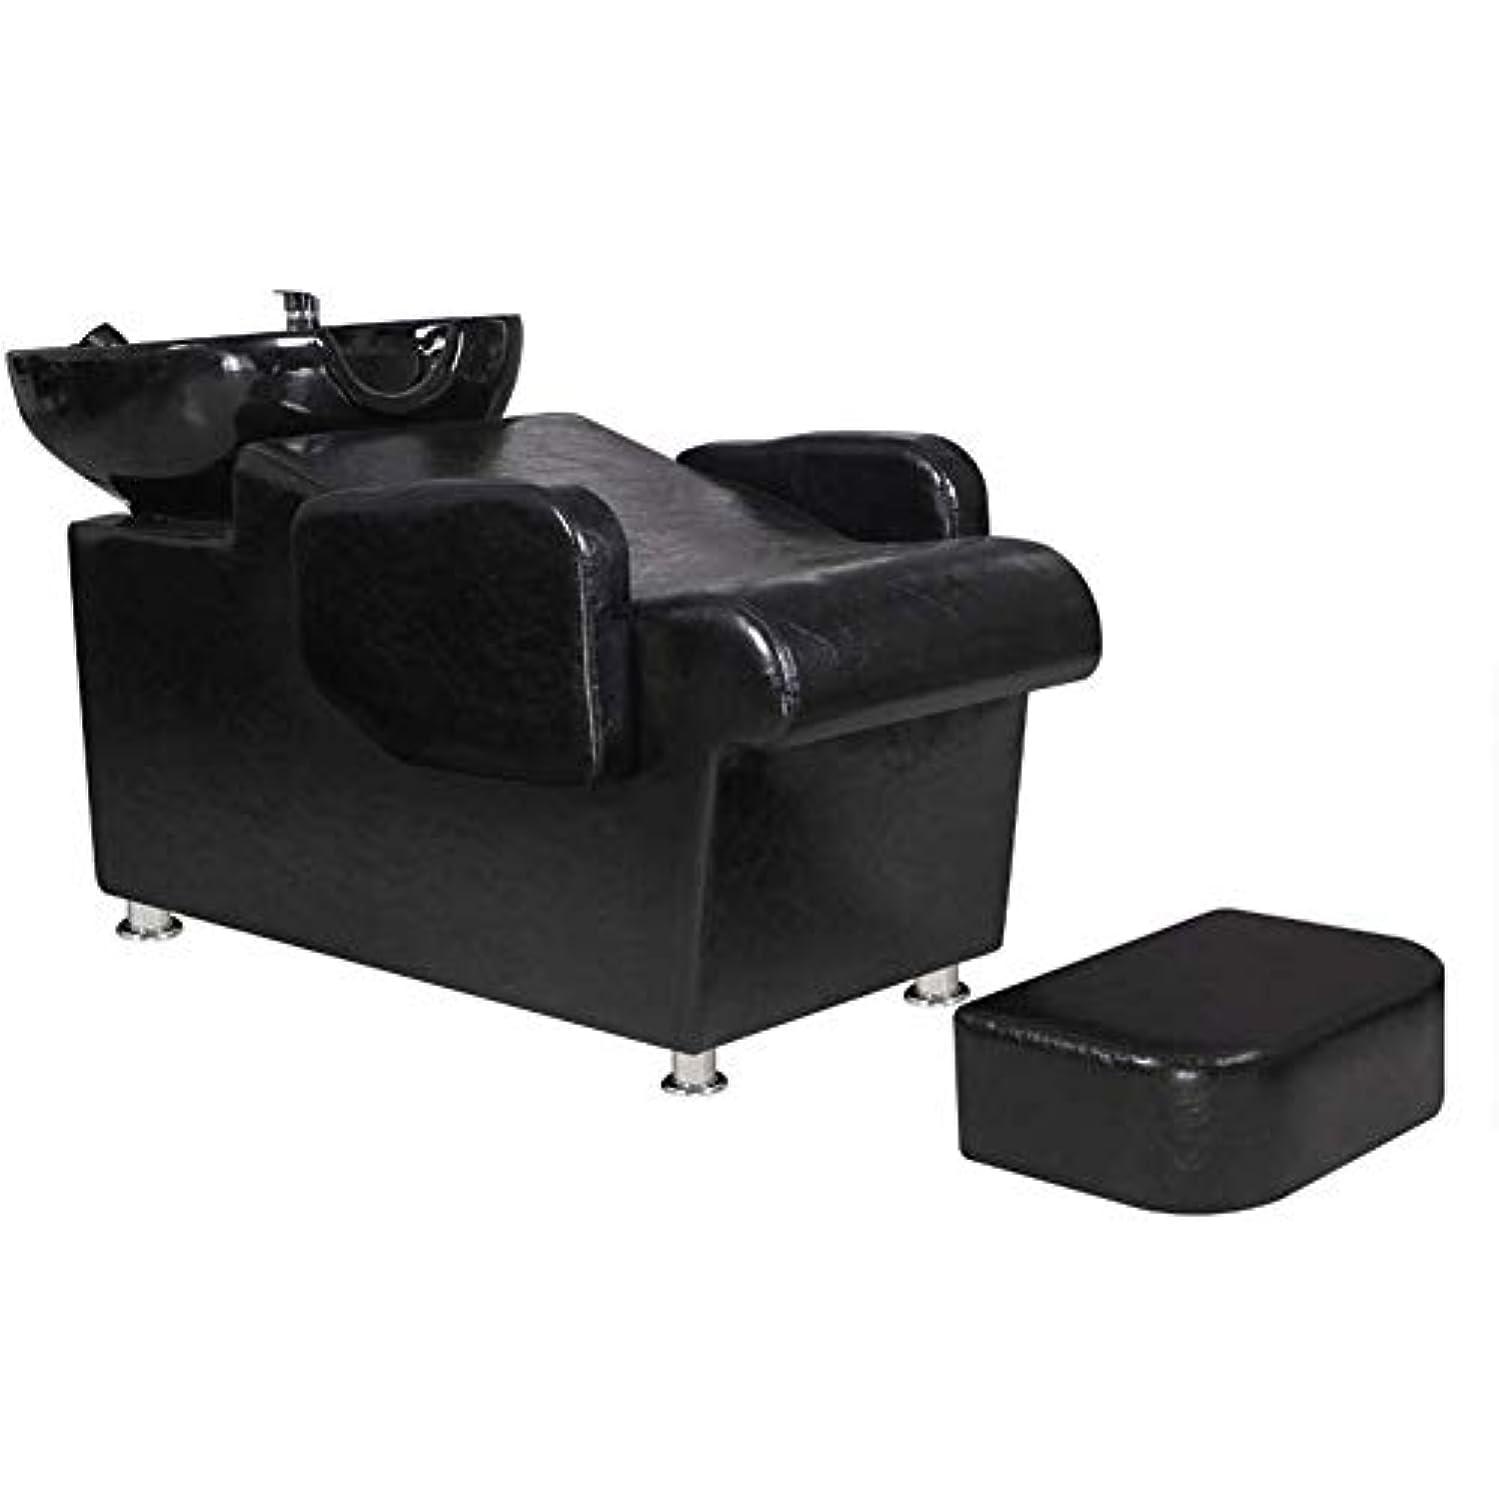 弁護士不毛の物理学者シャンプーバーバー逆洗椅子、 スパビューティーサロンのシャンプーボウルシンク椅子シャンプーチェア